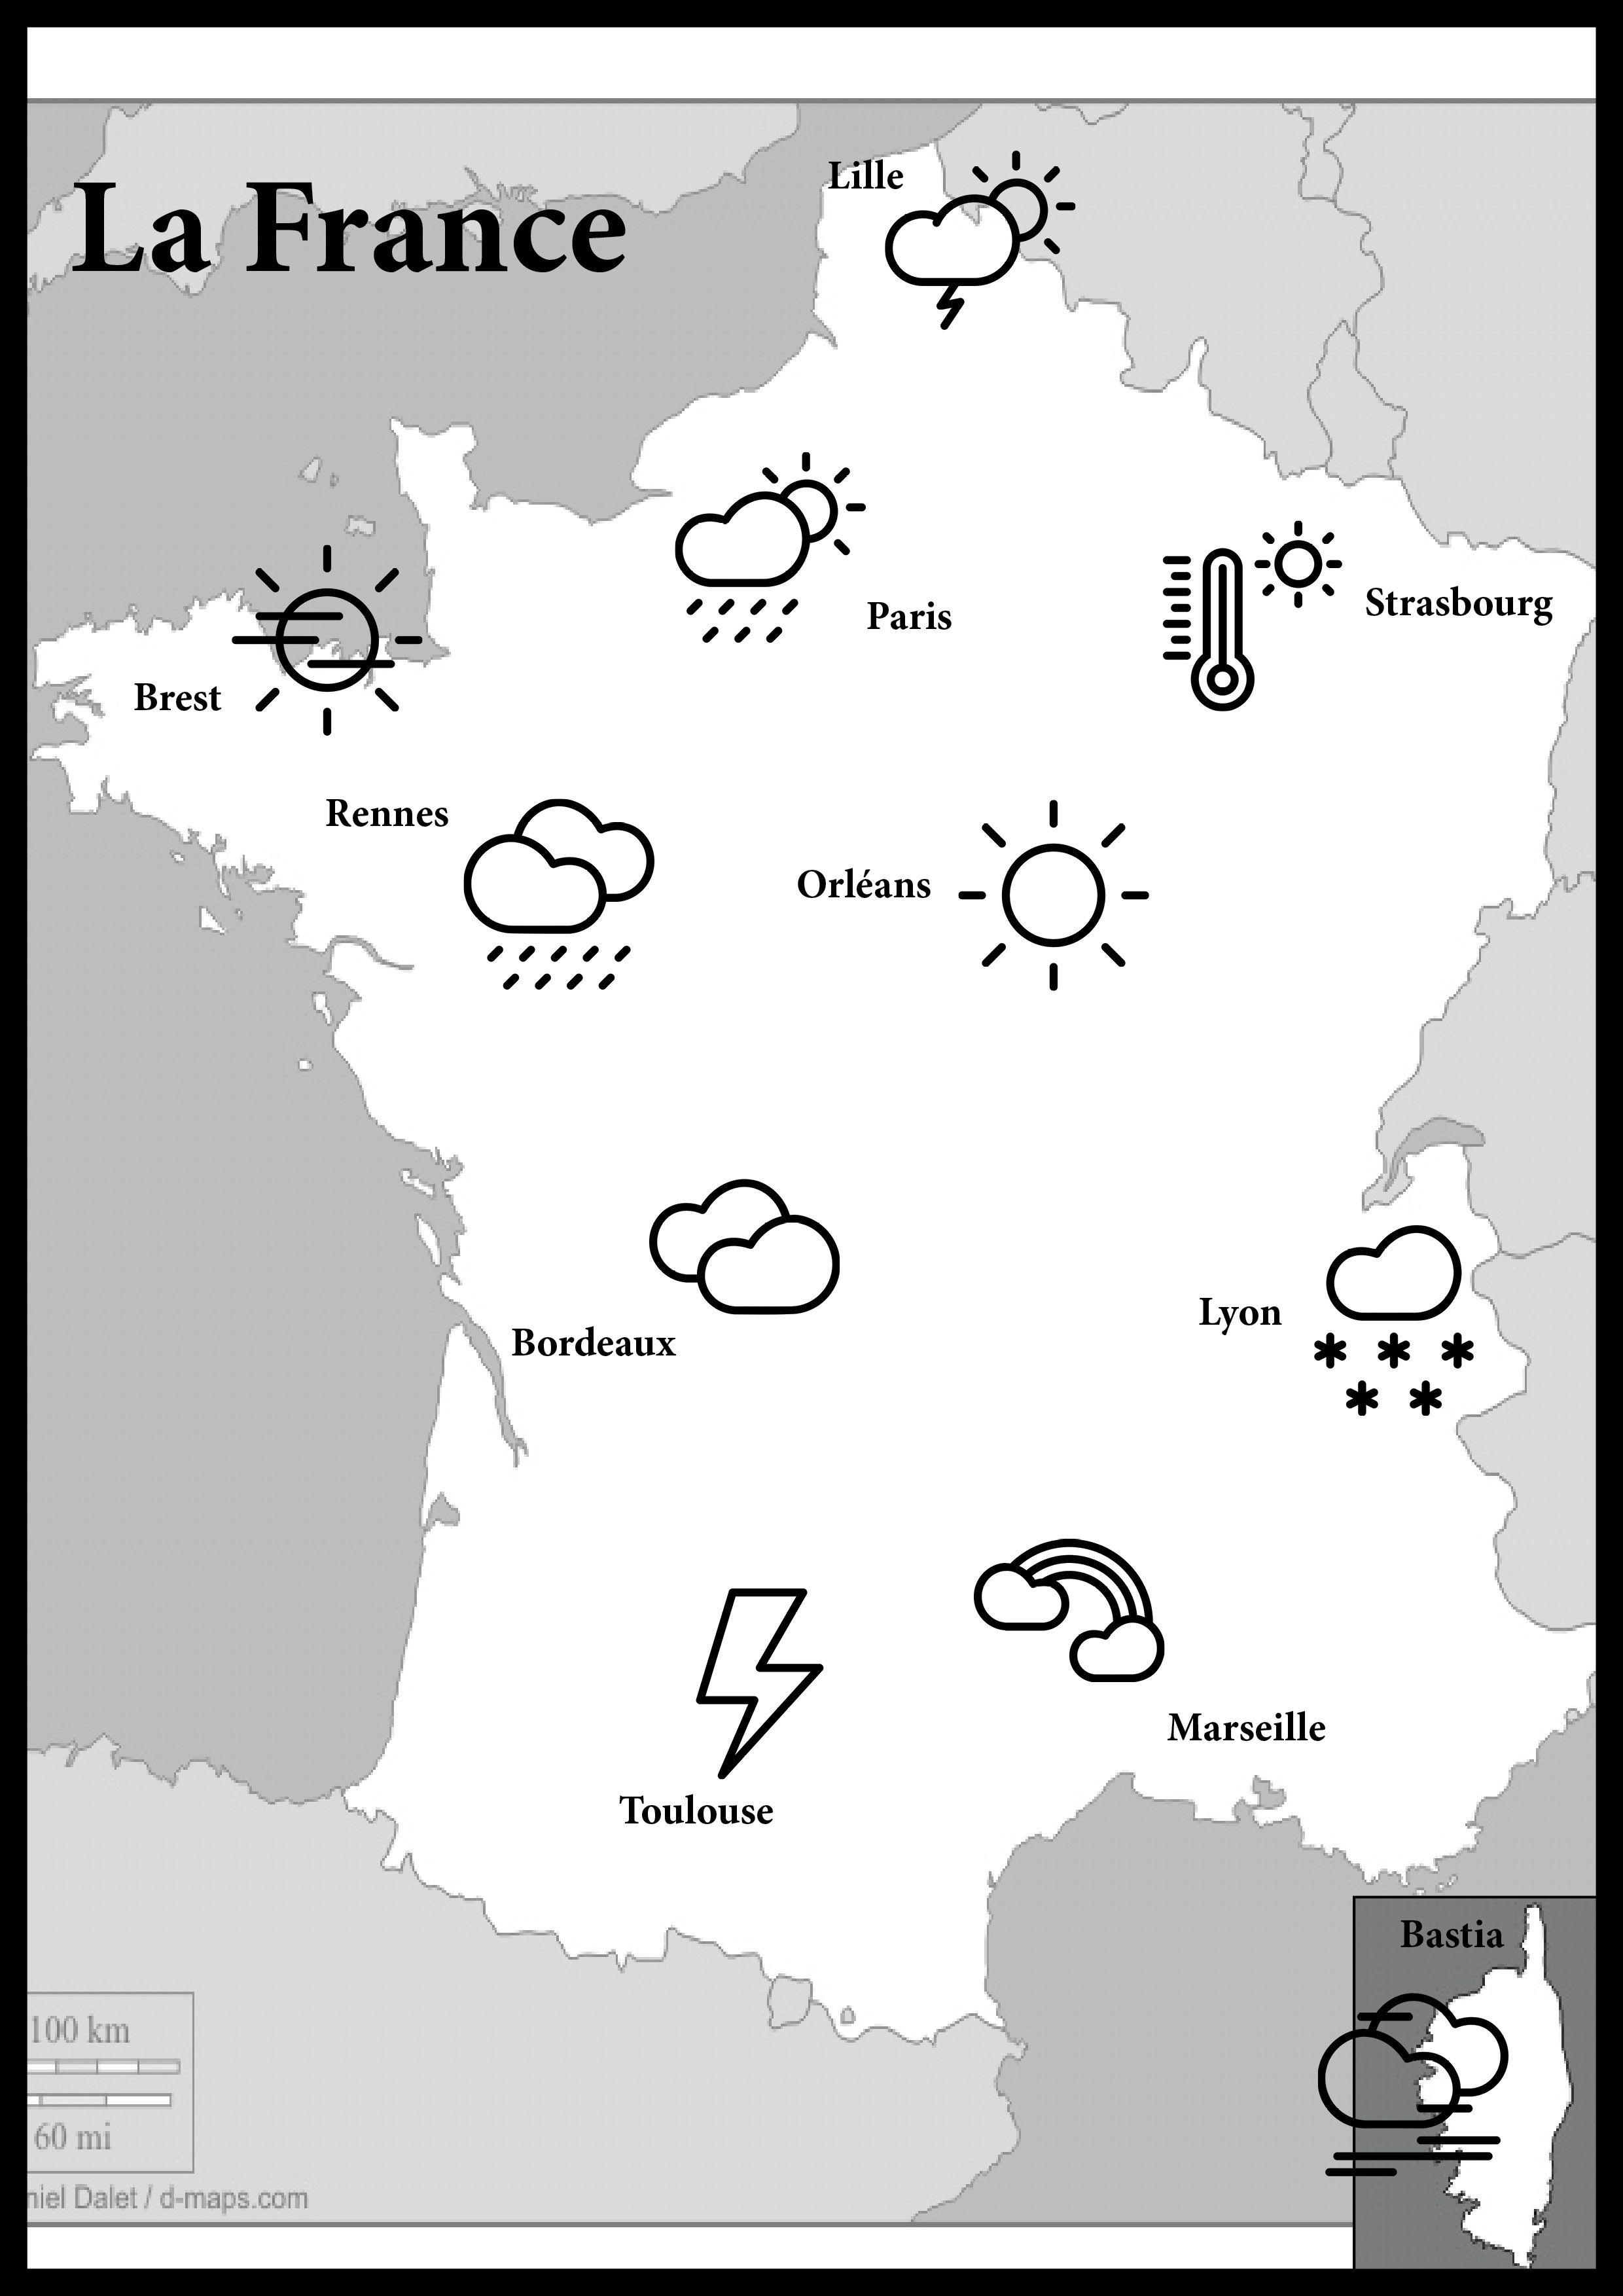 Jeu De La Meteo Des Pays Carte Meteo L Enseignement Du Francais